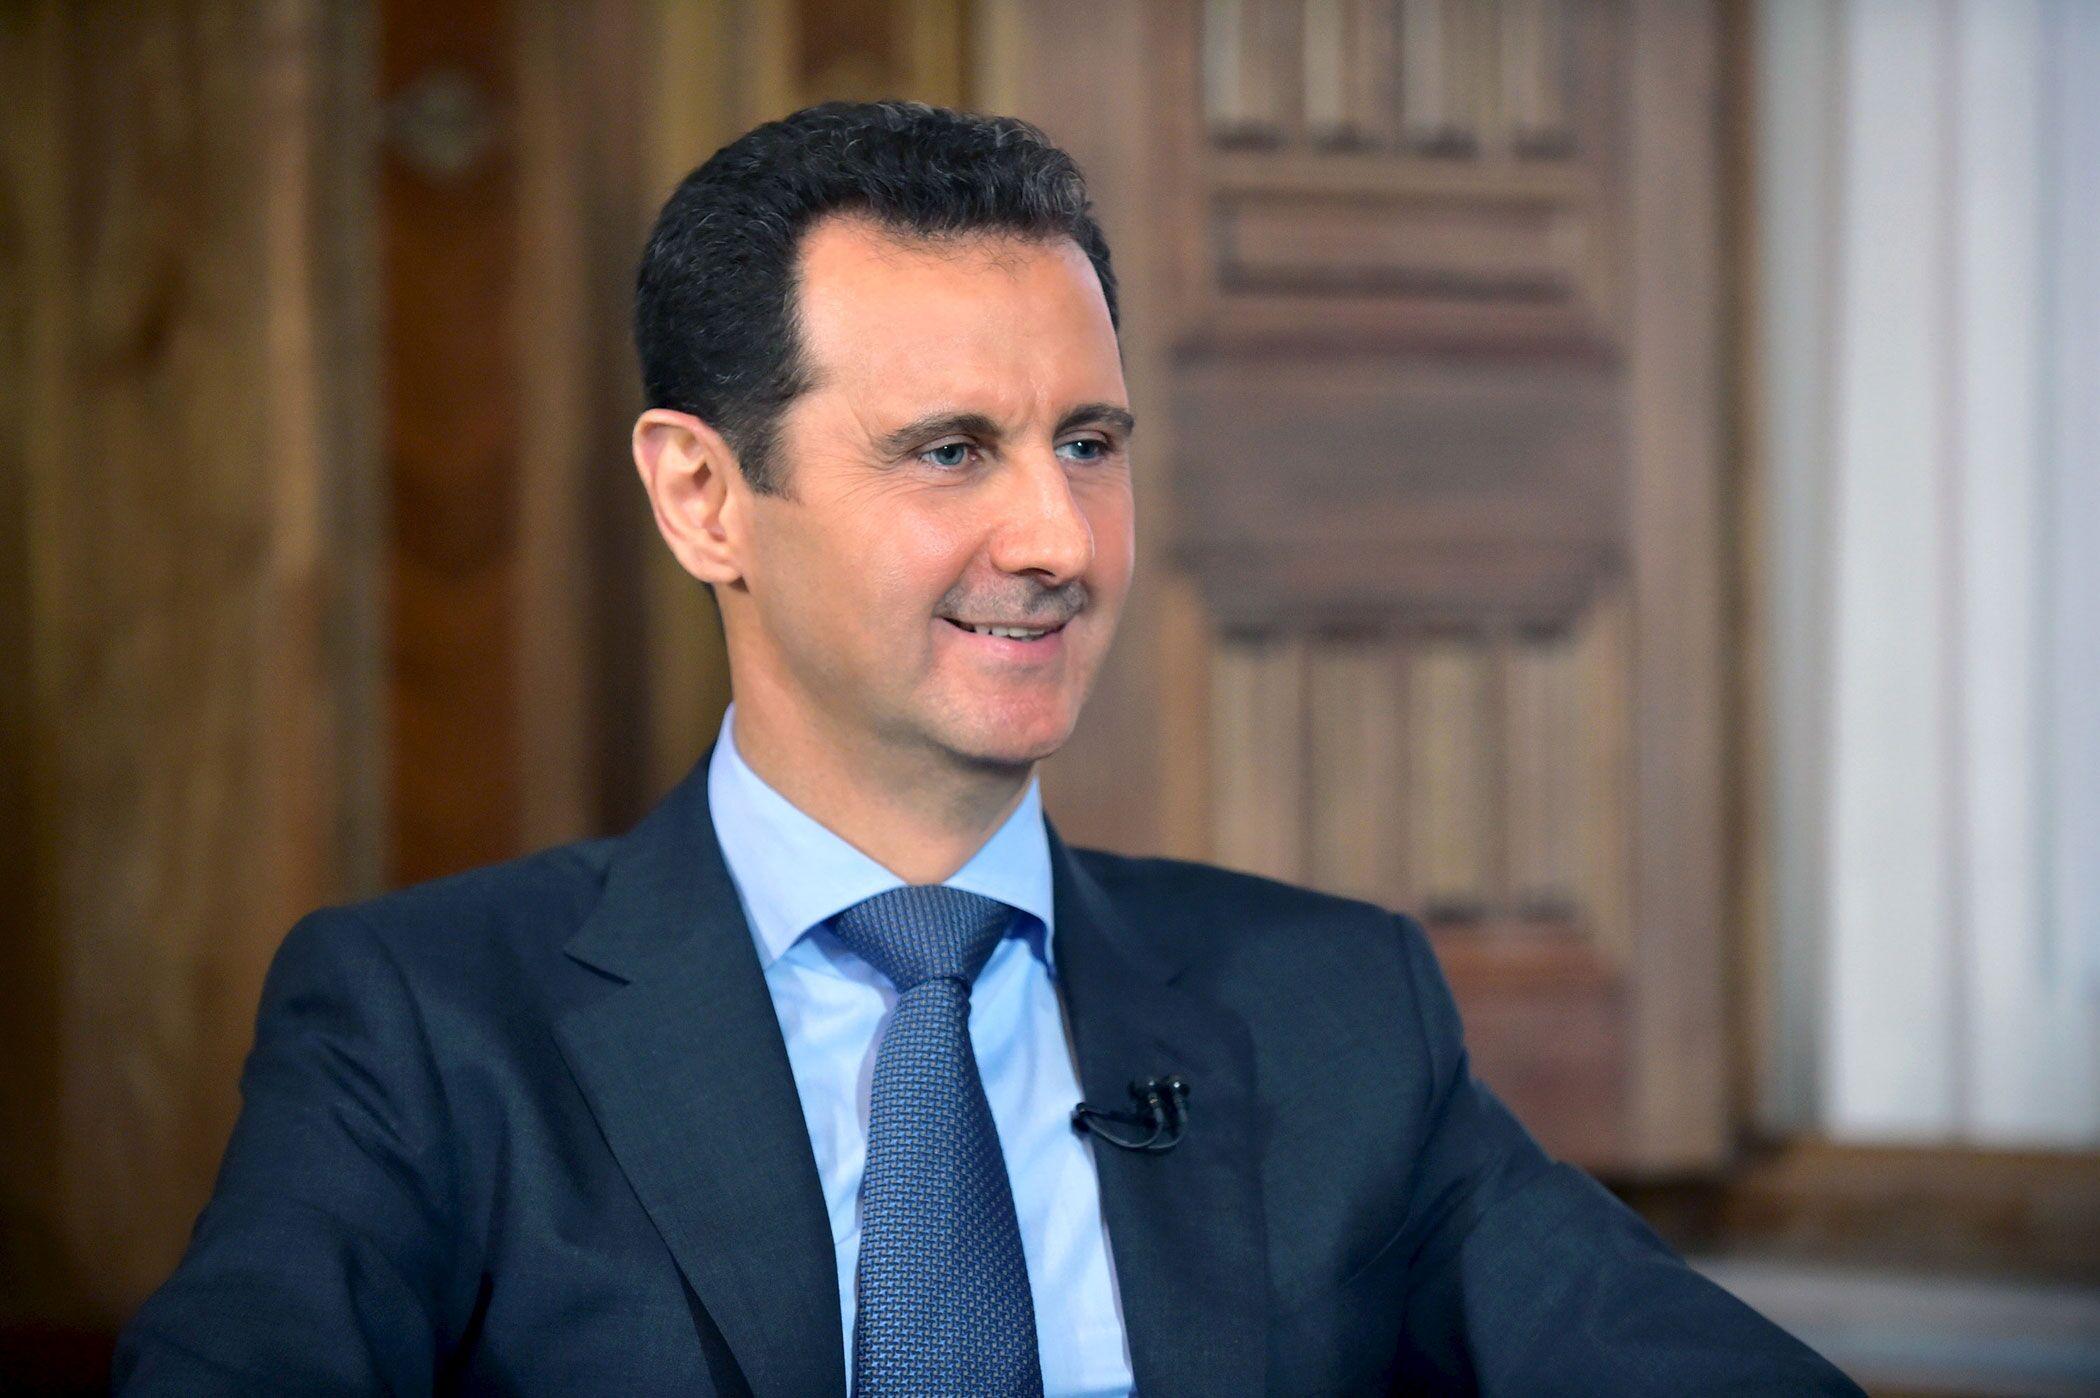 金正恩祝贺叙利亚总统54岁生日:祝愿你身体健康、事业有成